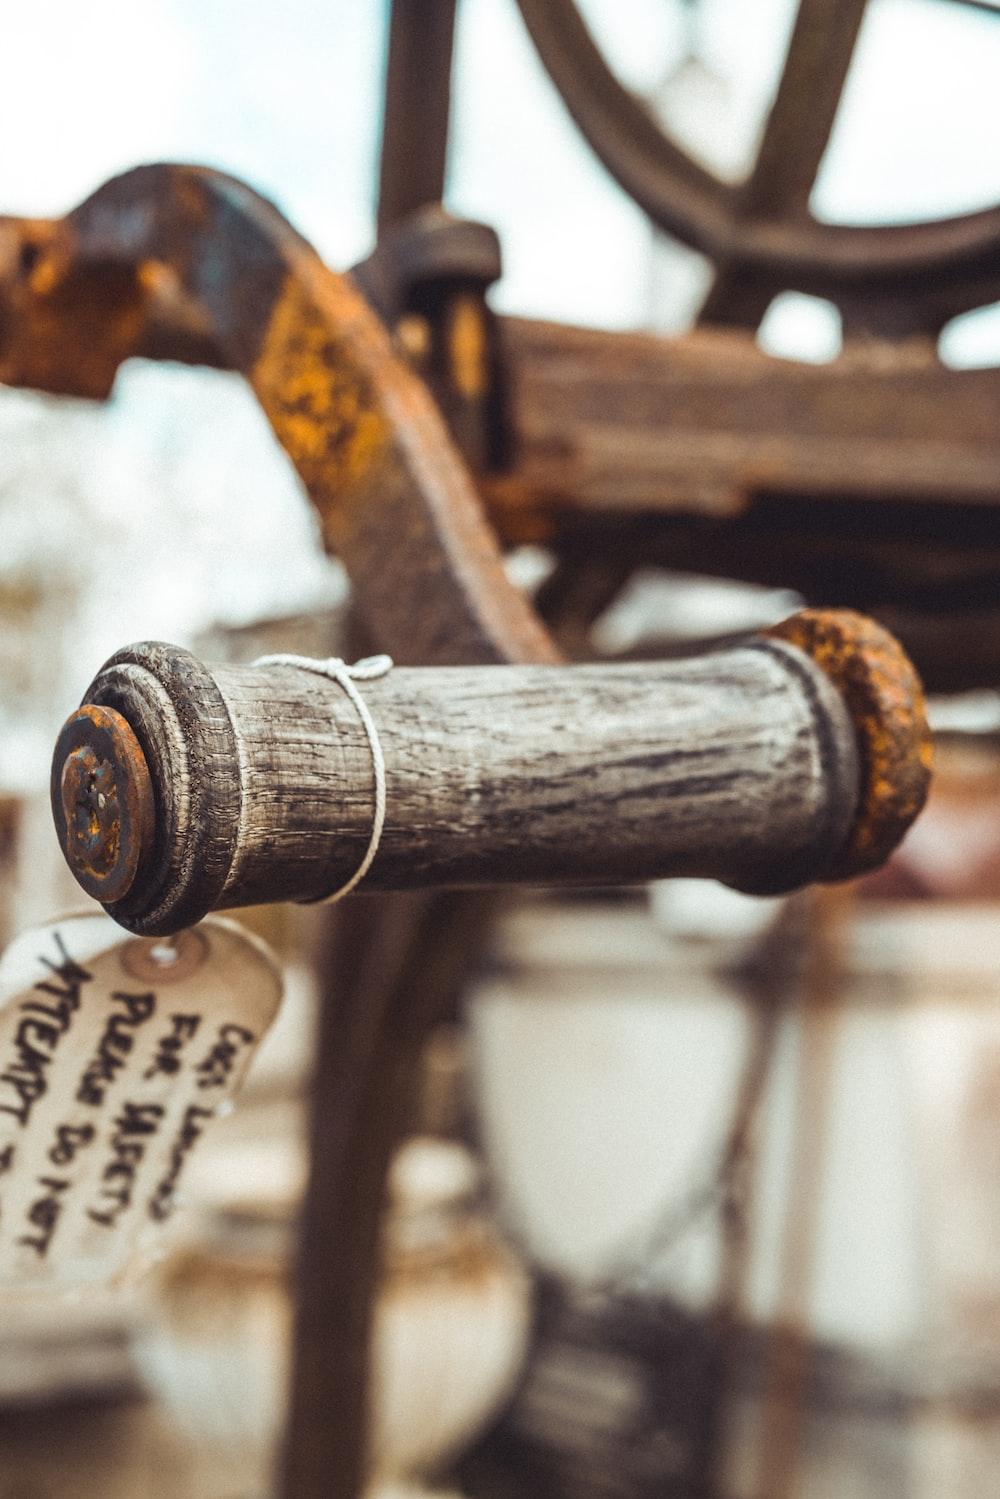 brown wooden handle